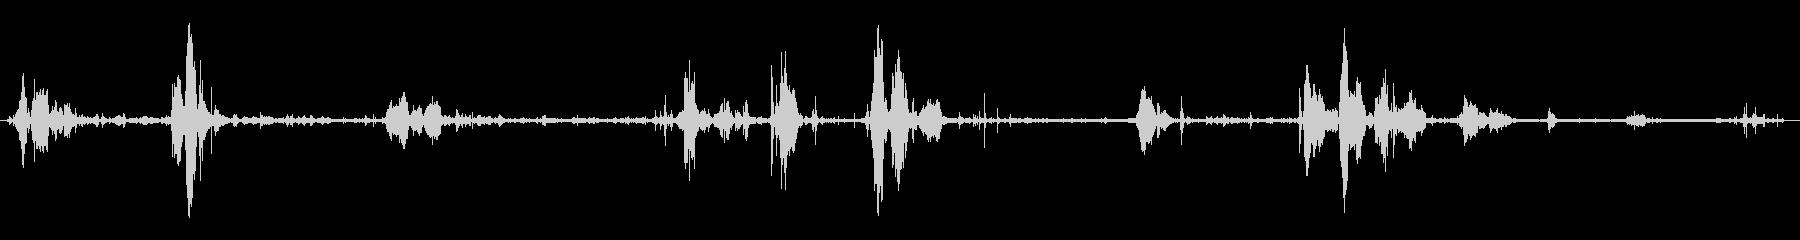 野生のタヌキ:興奮した鳴き声とうなり声の未再生の波形